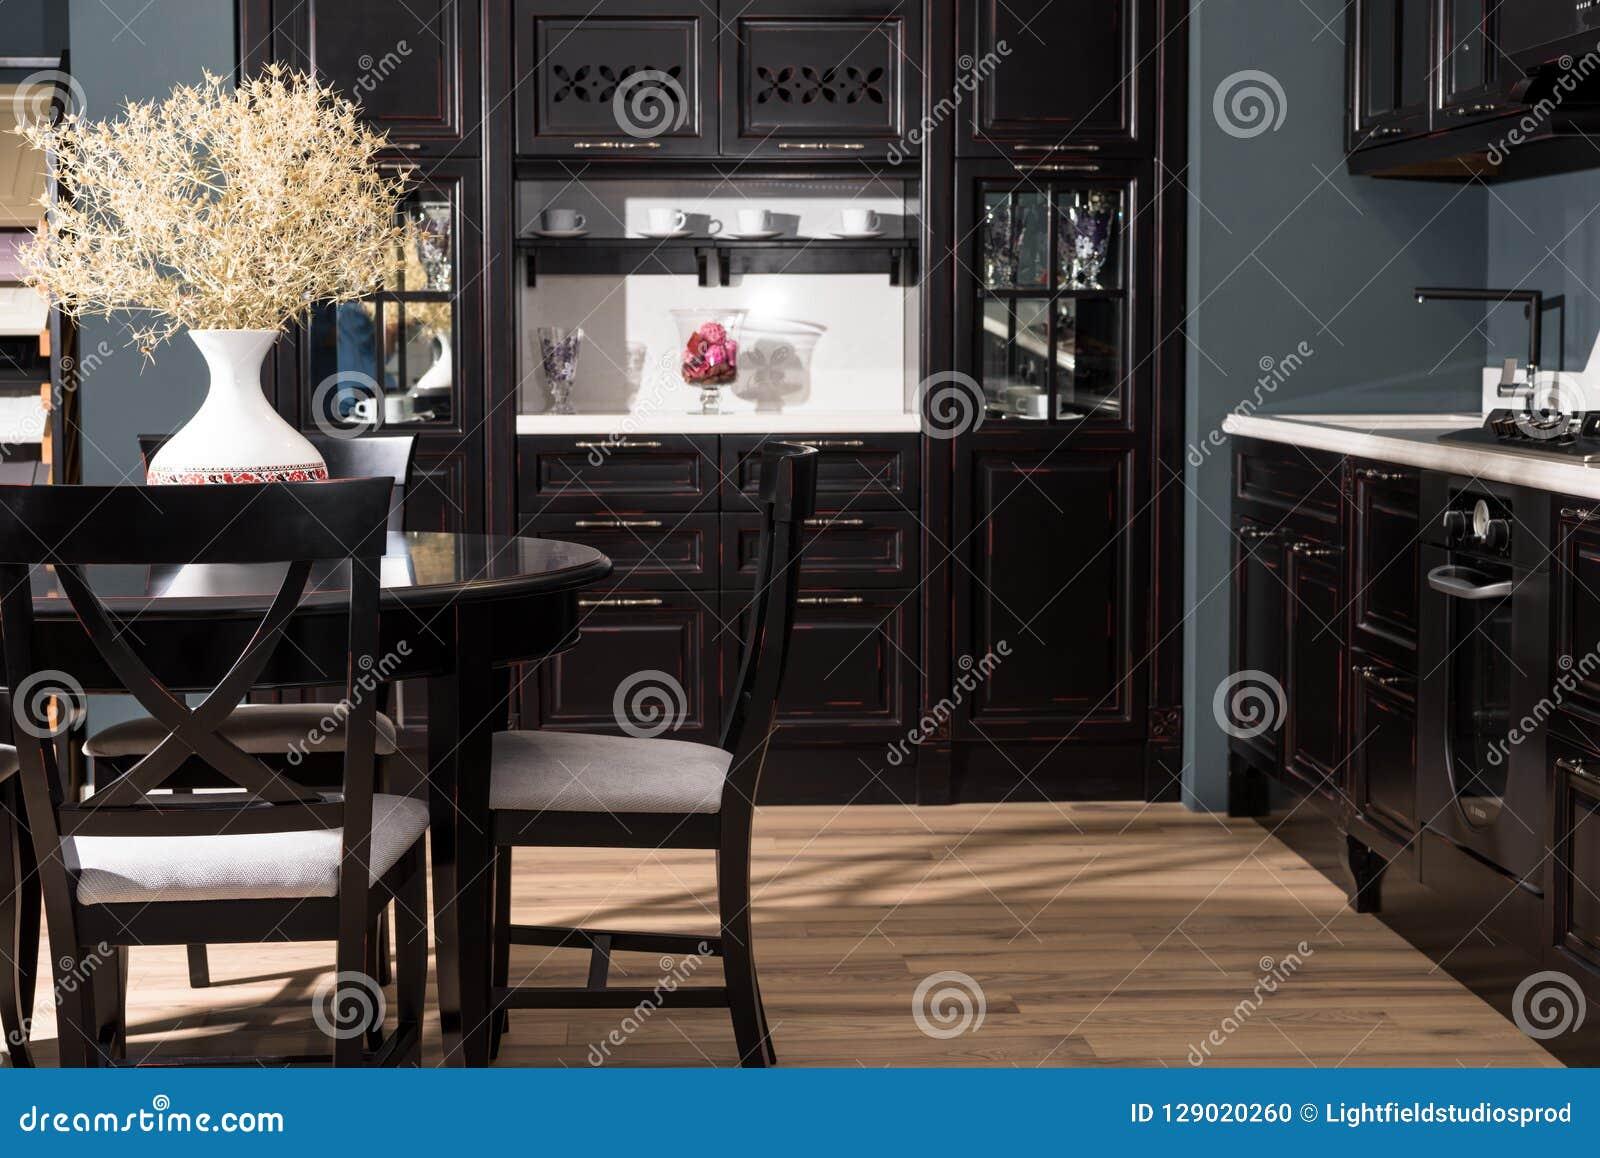 Interior del comedor moderno con muebles y el florero negros de flores secadas